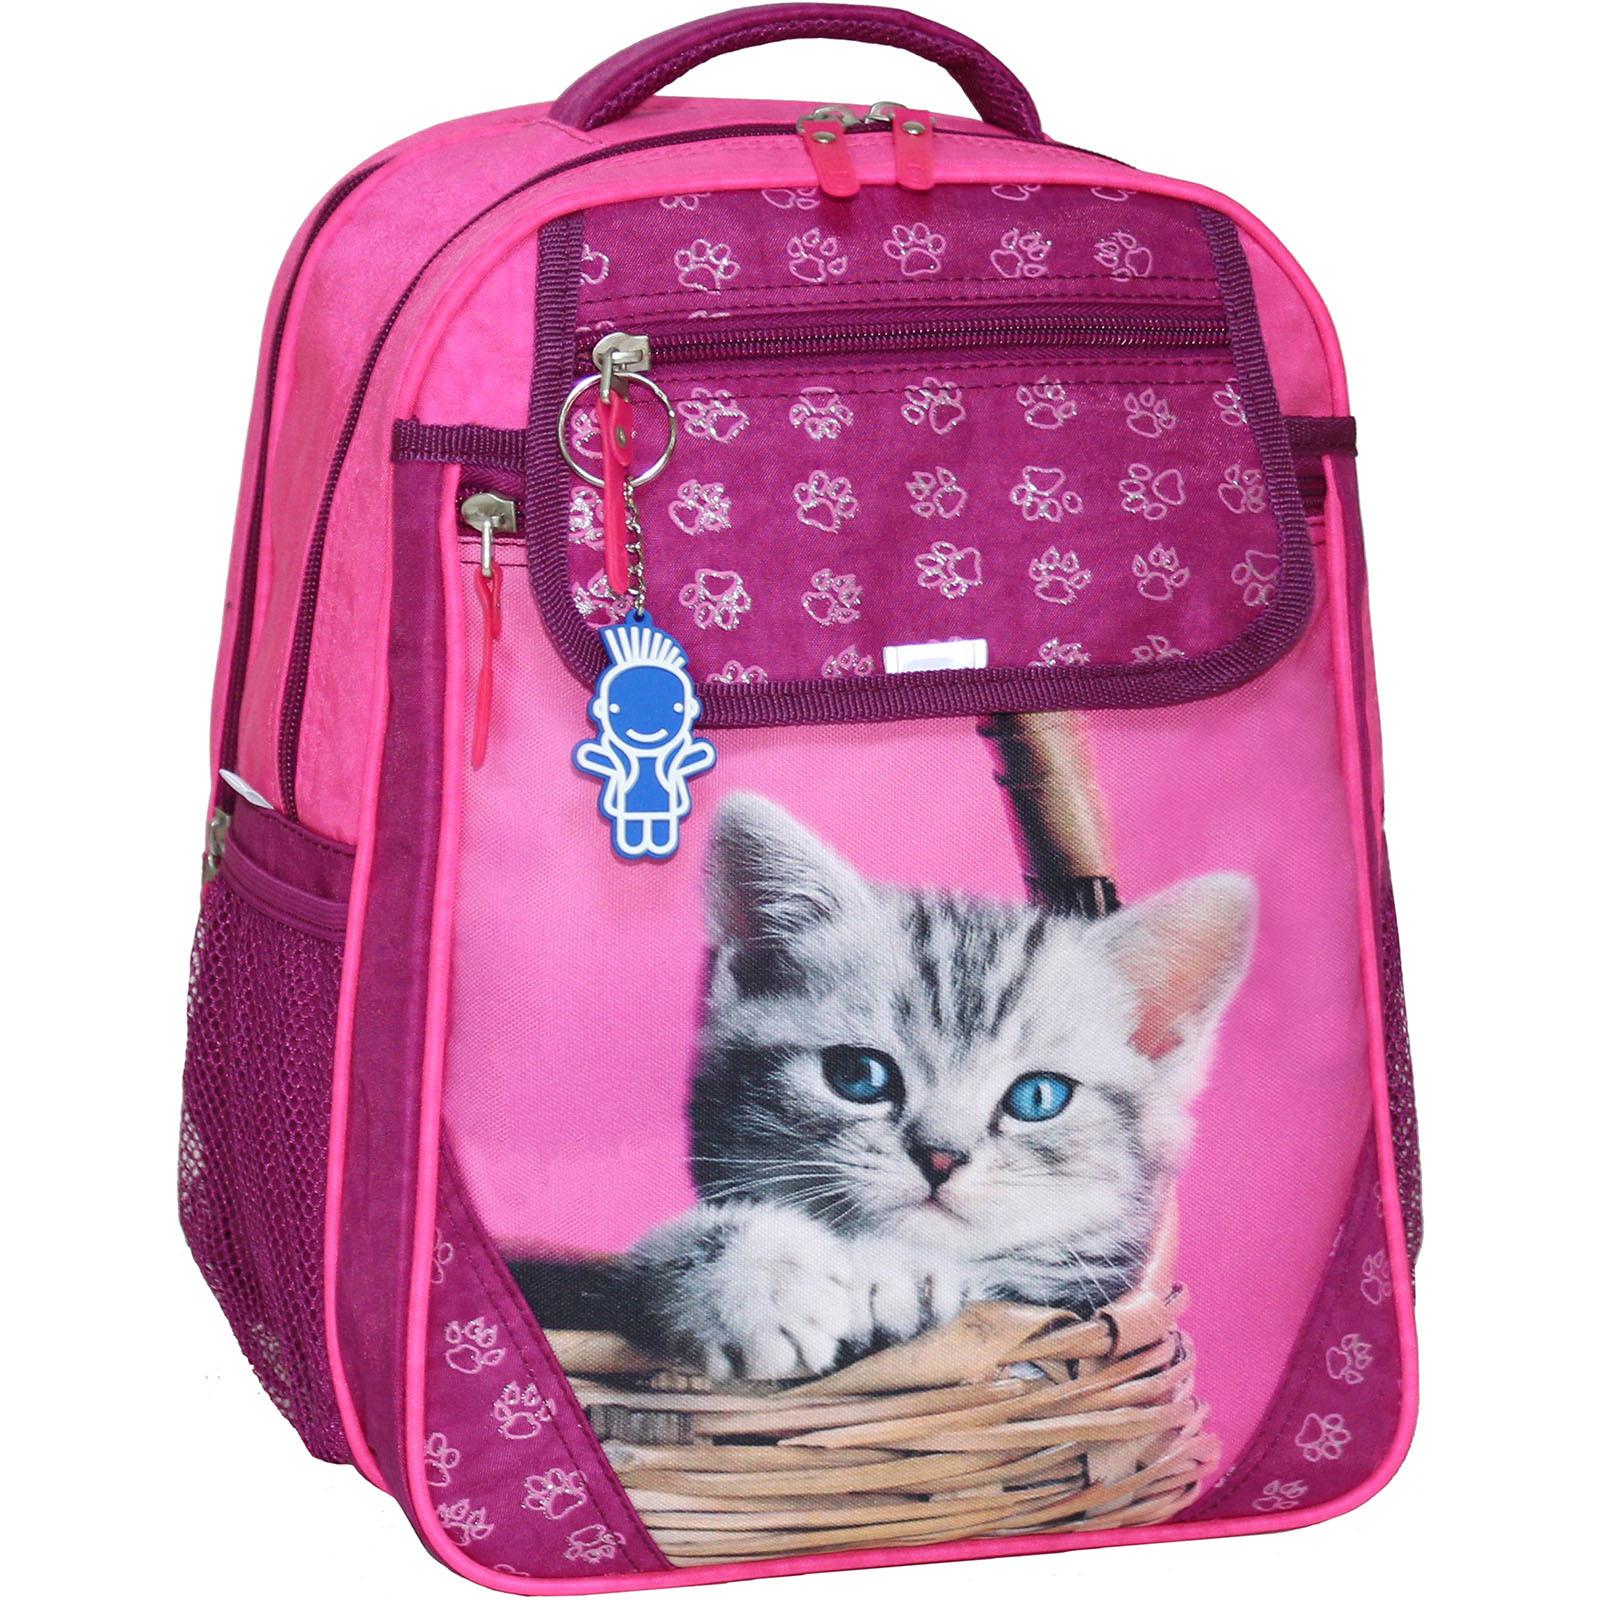 Школьные рюкзаки Рюкзак школьный Bagland Отличник 20 л. Малина (котенок в корзинке) (0058070) IMG_1687.JPG